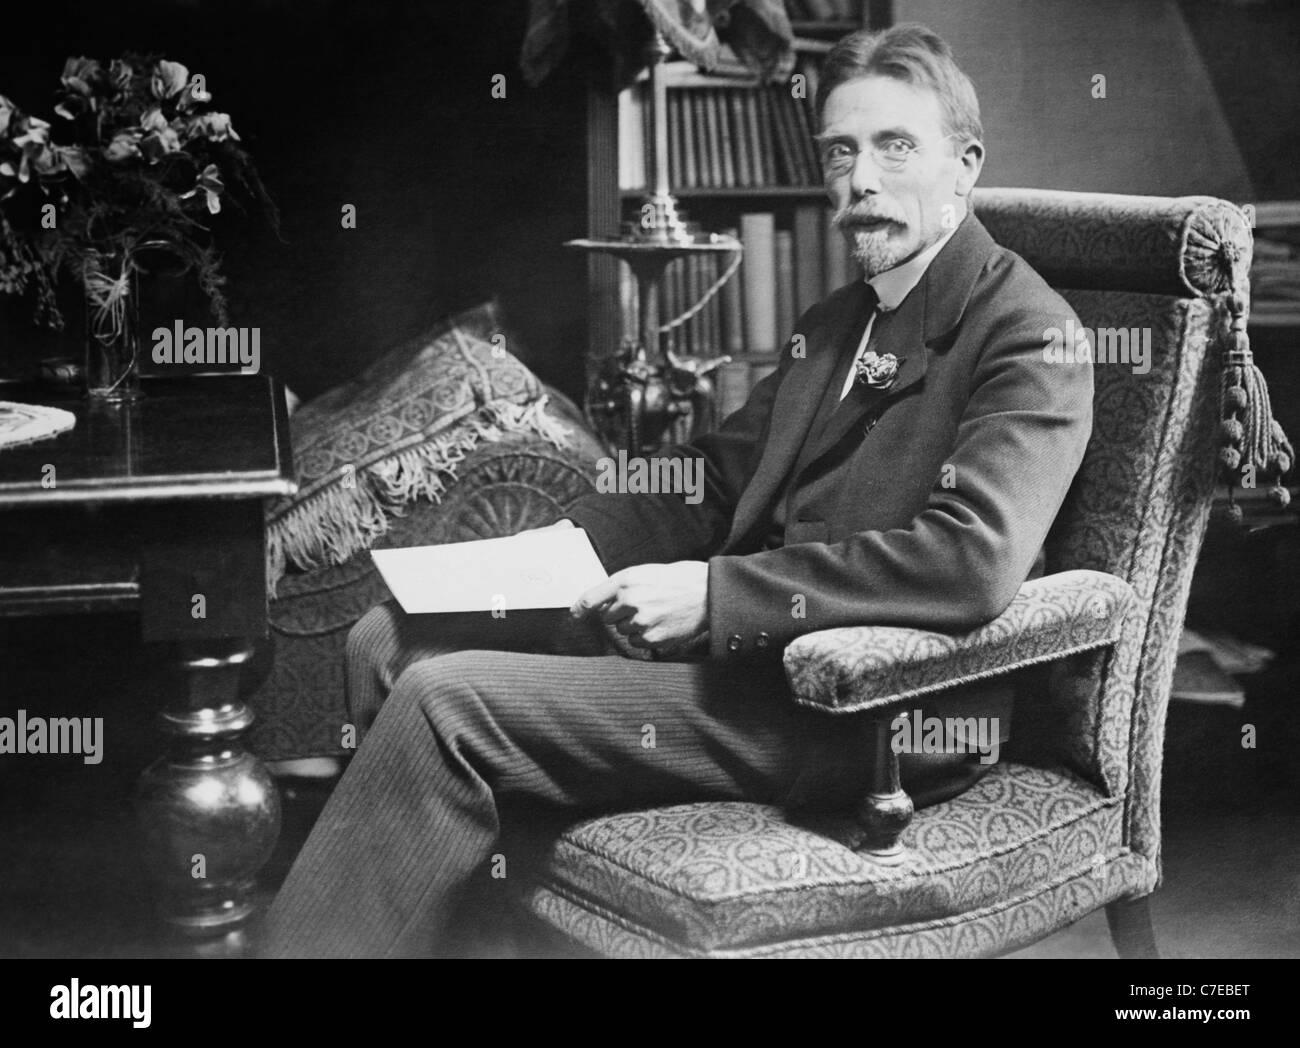 Dänischen Physiologen August Krogh (1874-1949) - Sieger des Nobelpreises in der Physiologie oder Medizin im Stockbild